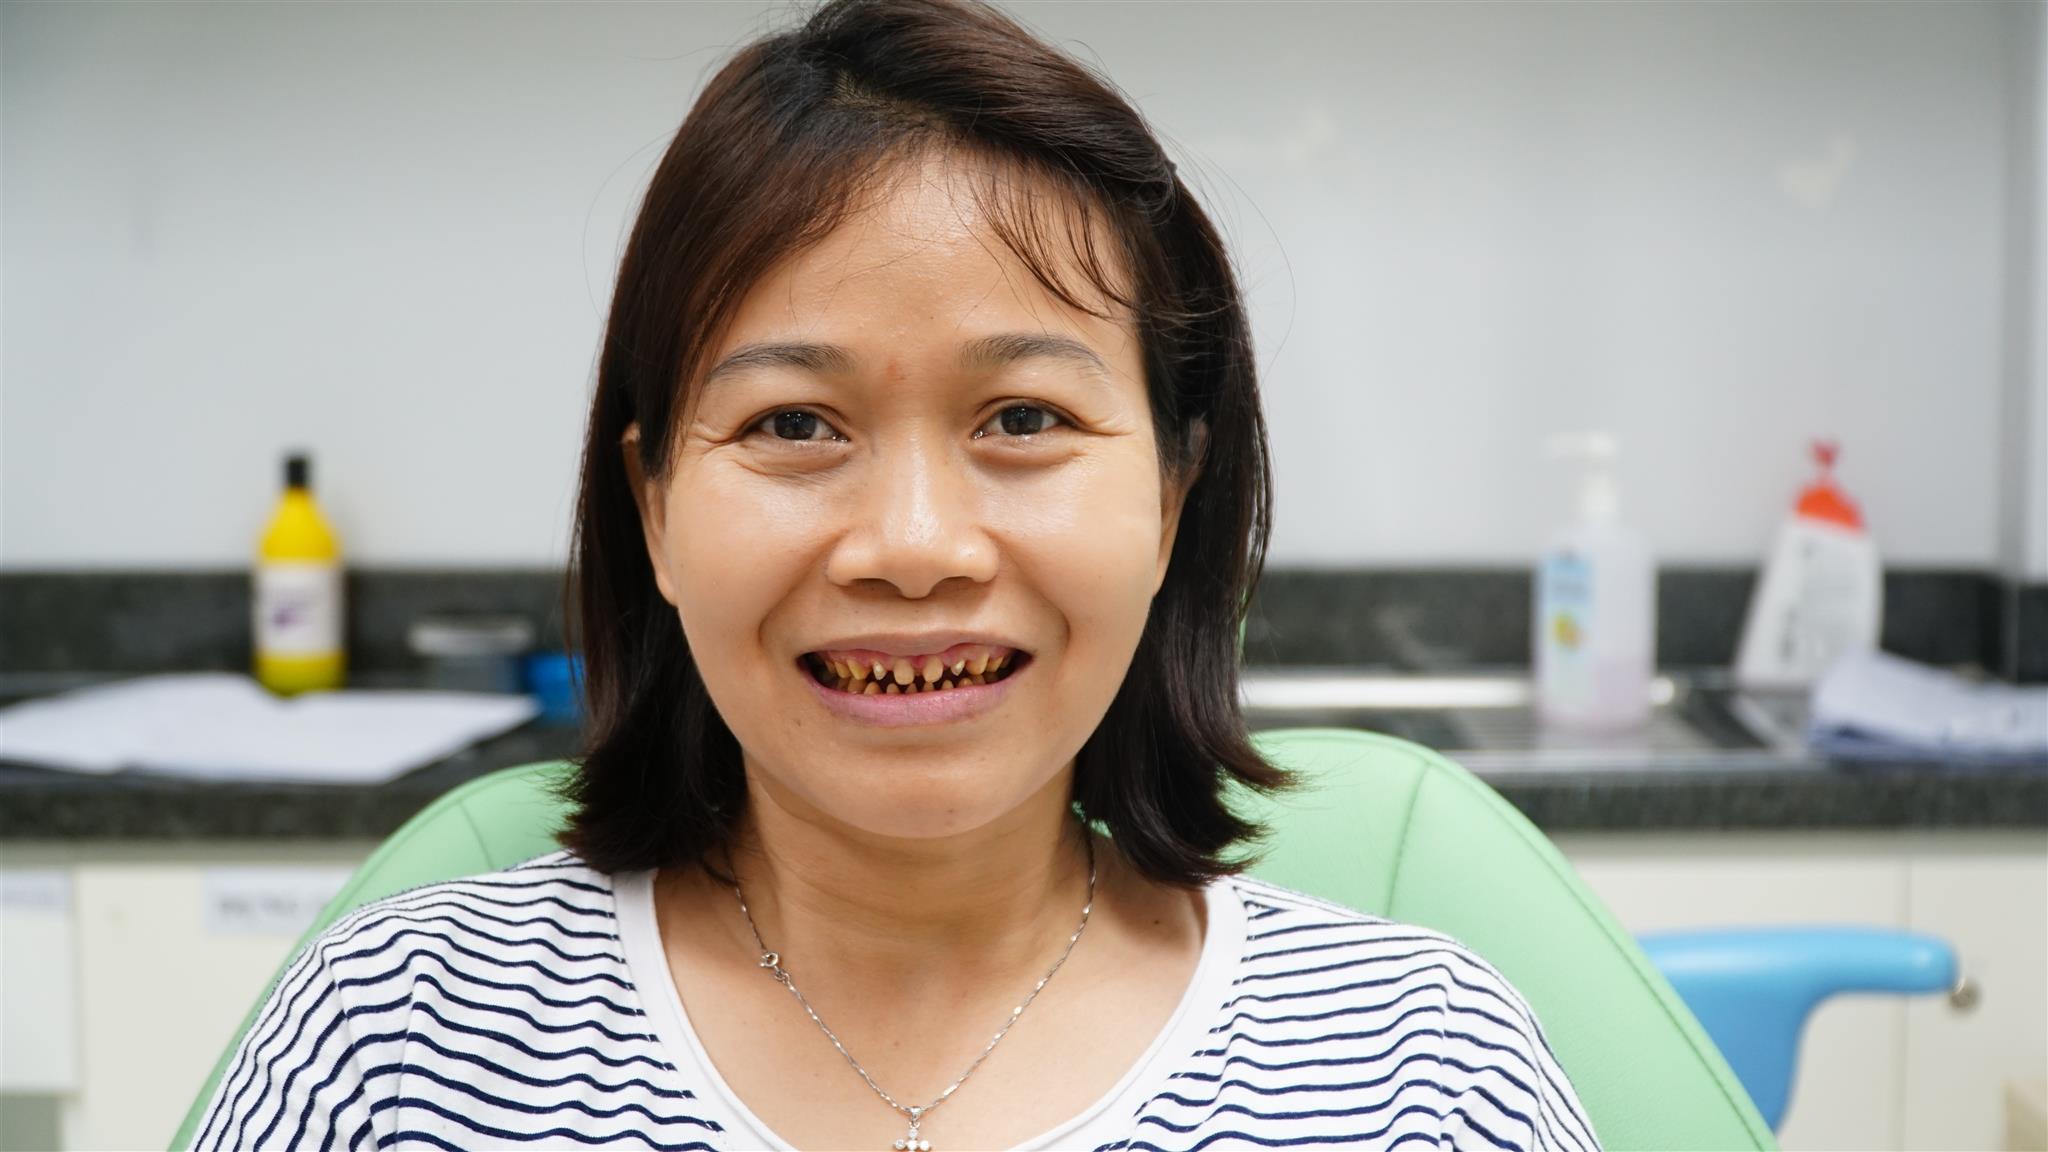 Thực hiện dán sứ không mài răng có gây ê buốt không?